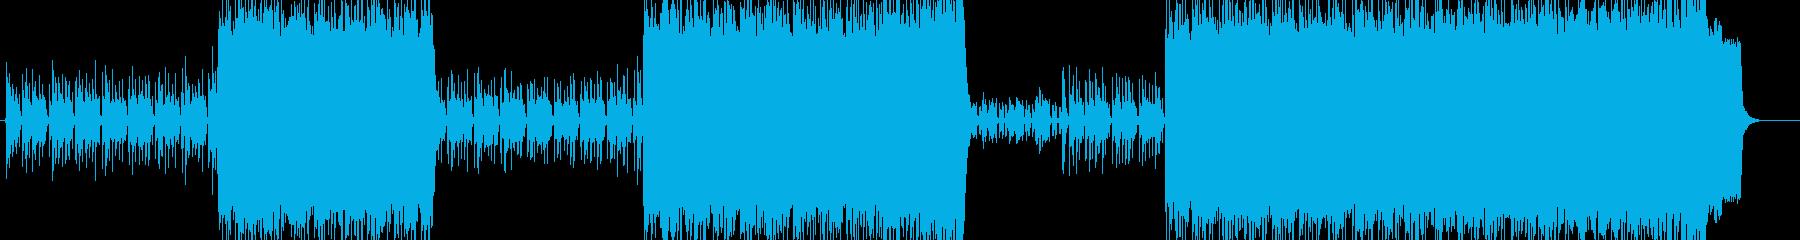 静→激→静→激 90s爆発オルタナロックの再生済みの波形